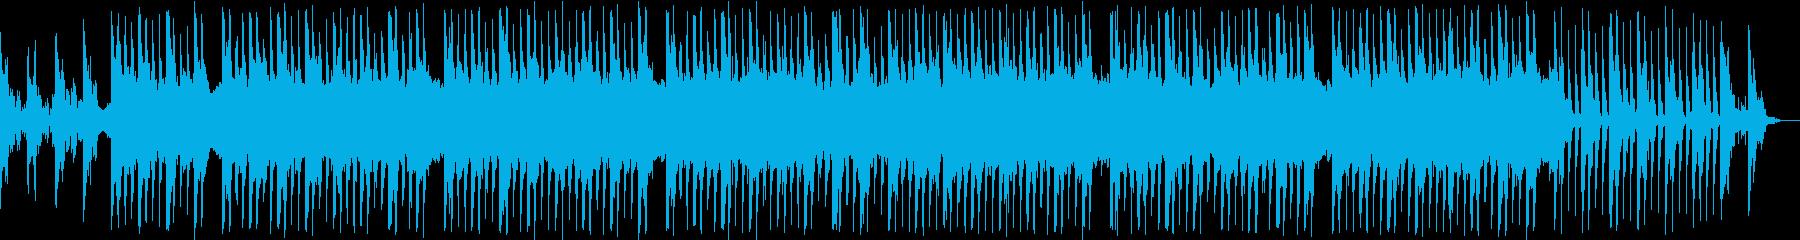 爽やかで軽快なテクノポップの再生済みの波形